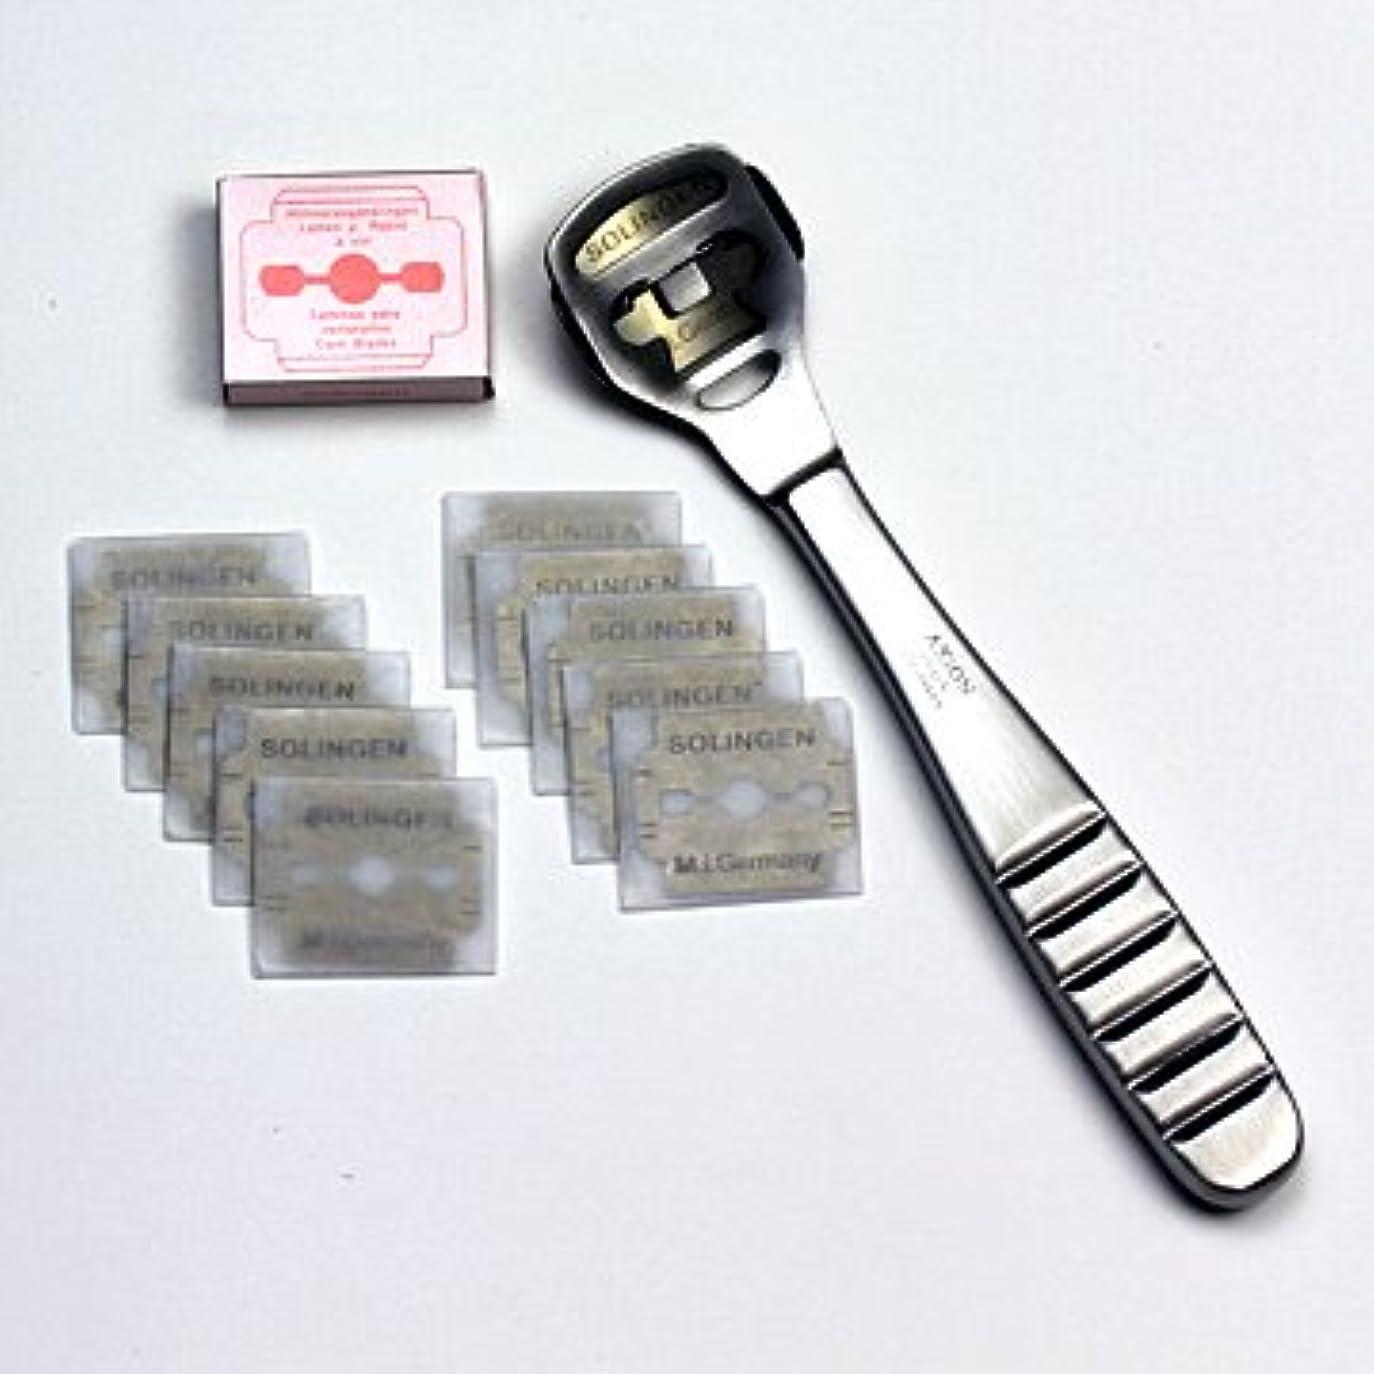 公演しわポルノドイツ?ゾーリンゲン AXiON(アクシオン)ステンレス製かかと削り器(ゾーリンゲン製替刃11枚付)#slg008964fba